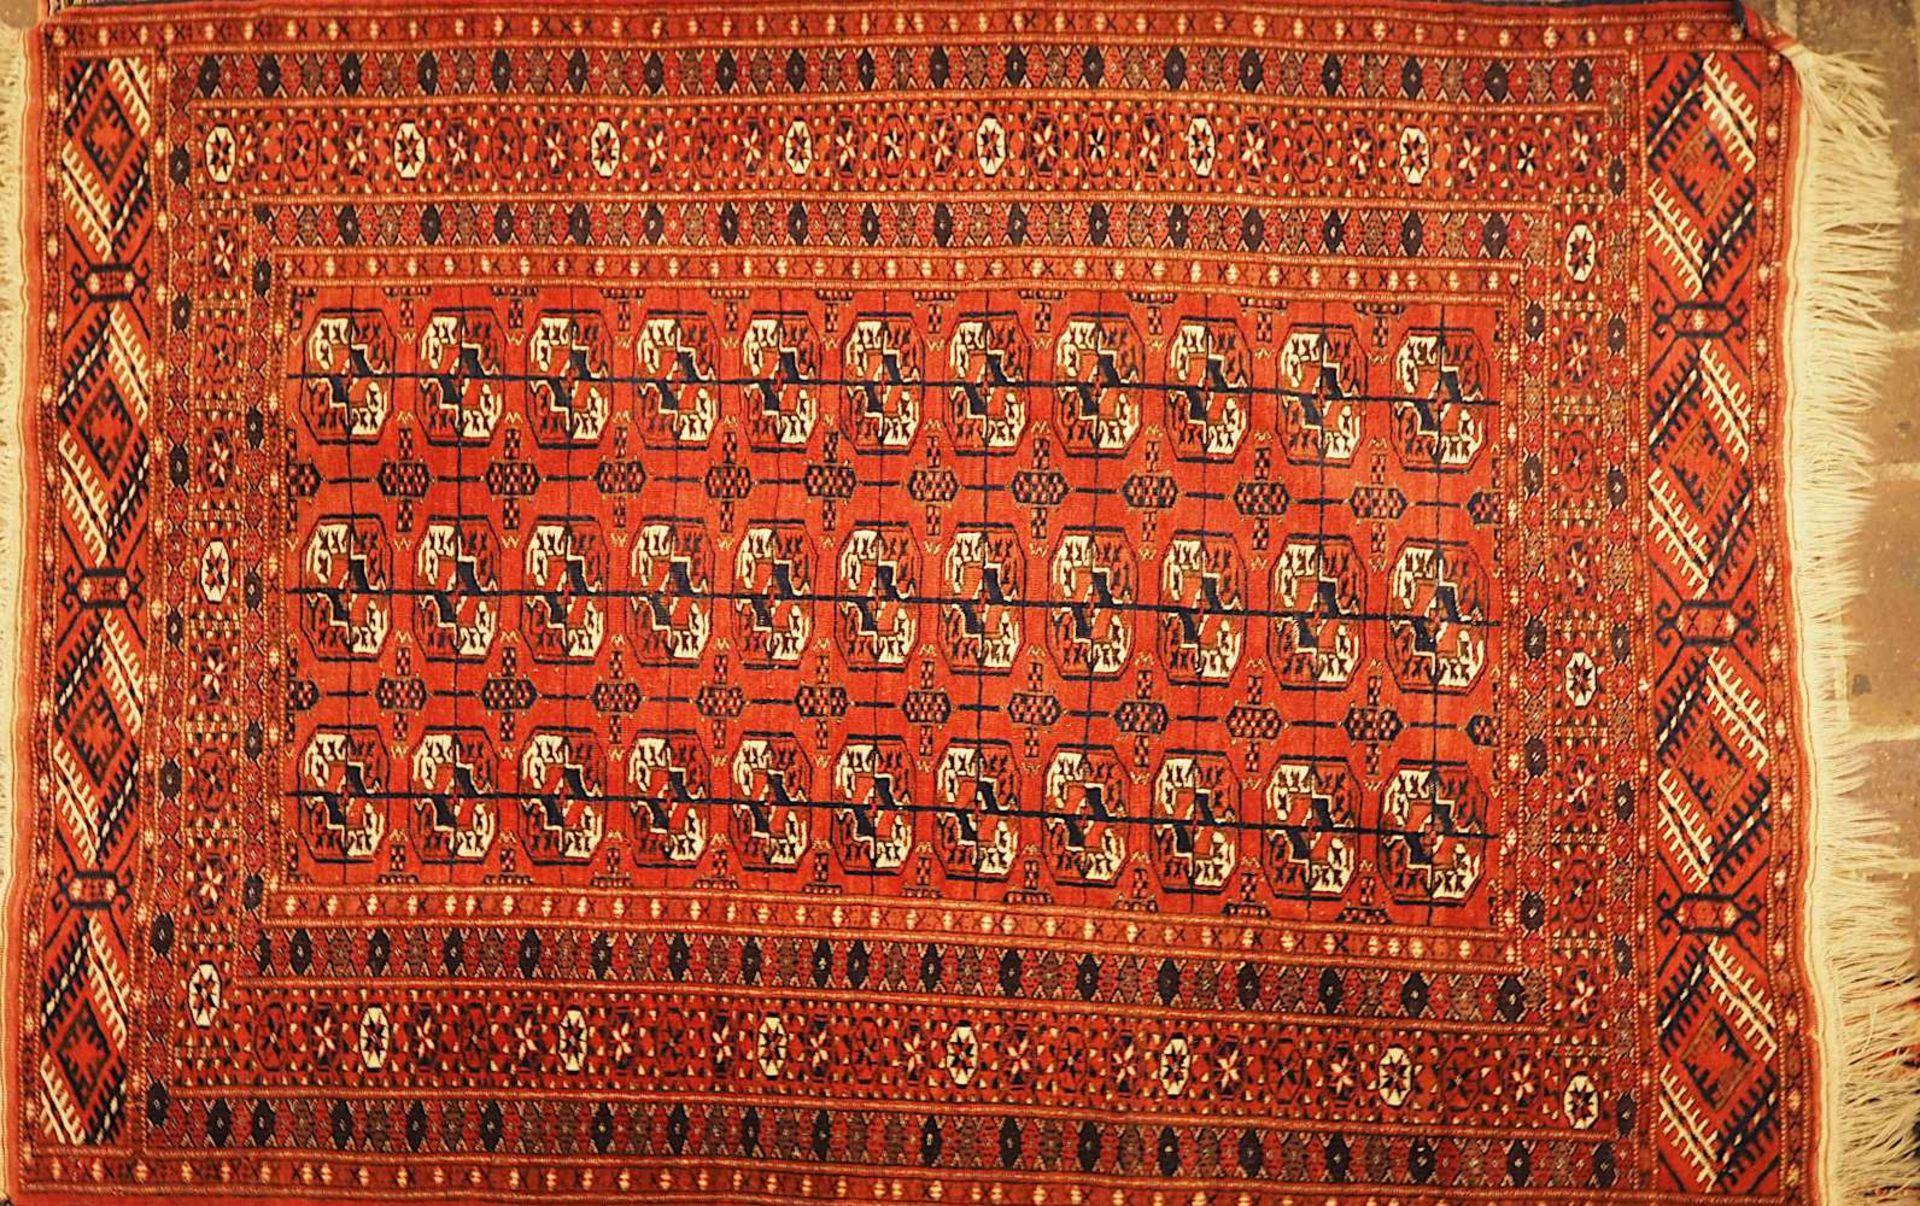 1 Orientgalerie Iran in Rosé-Tönen, 20. Jh. Mittelfeld mit Medaillonreihung und klei - Bild 3 aus 3